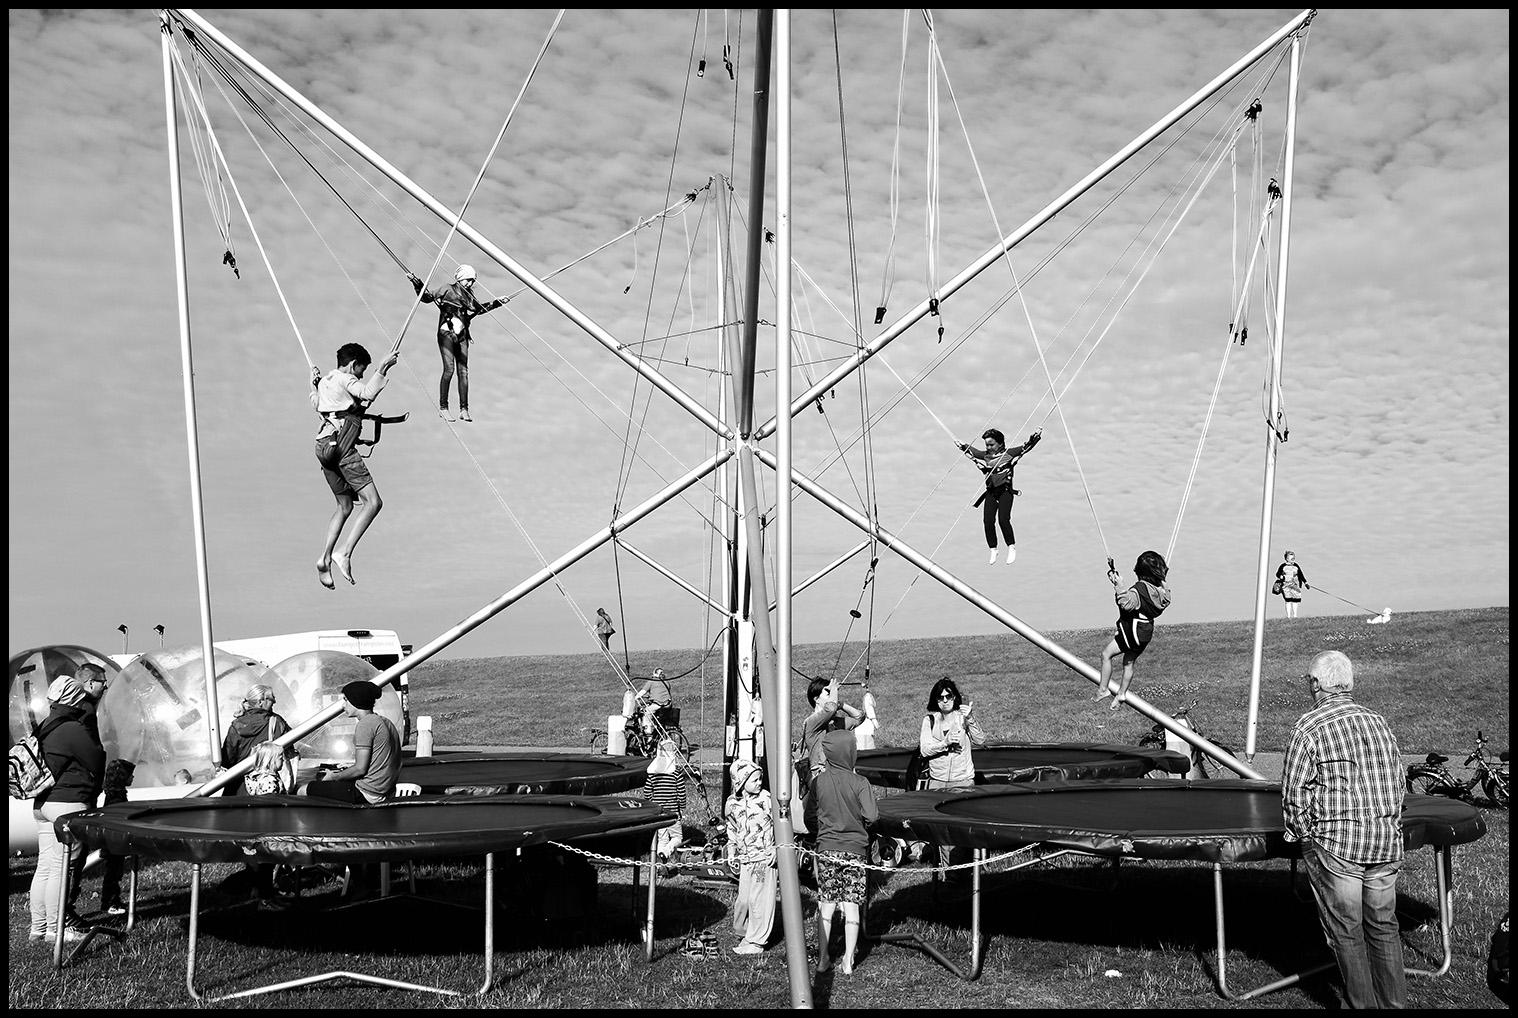 Fairground   Fujifilm X100S © 2015 Miguel Witte